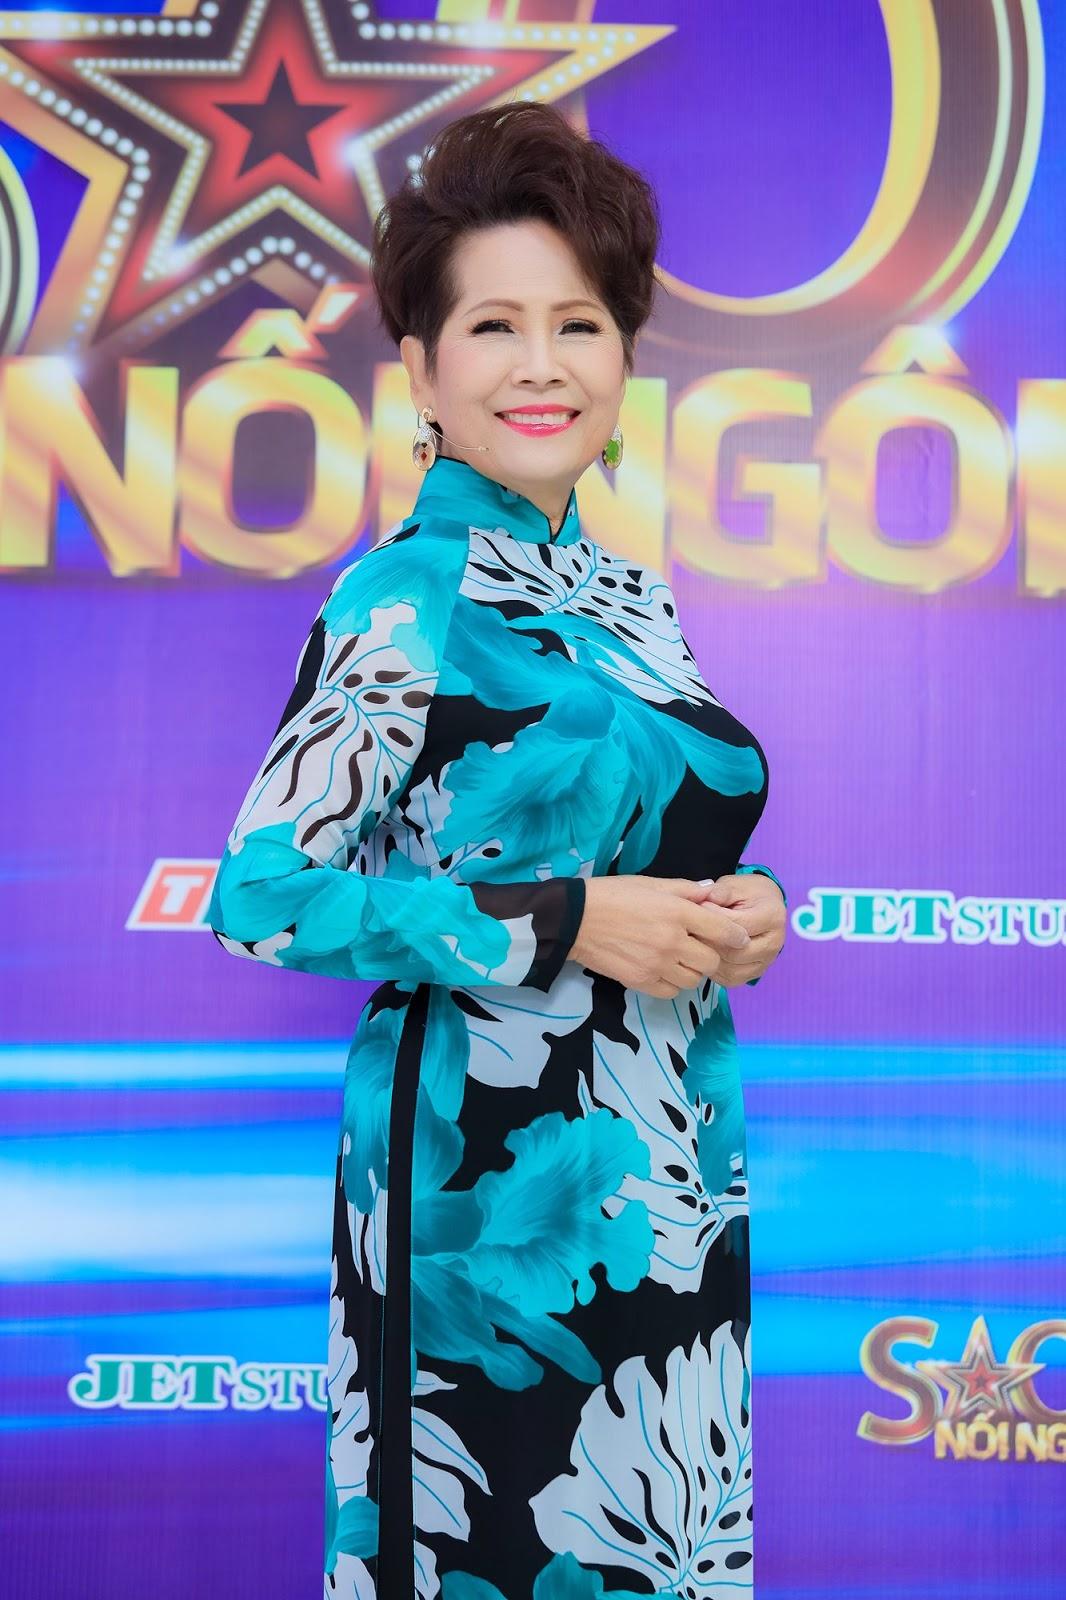 Drama gameshow: Kim Tử Long bị phụ huynh thí sinh tố khắt khe, Phương Dung đáp trả 'chúng tôi góp ý, nhắc nhở chứ không chê bai' - Hình 2